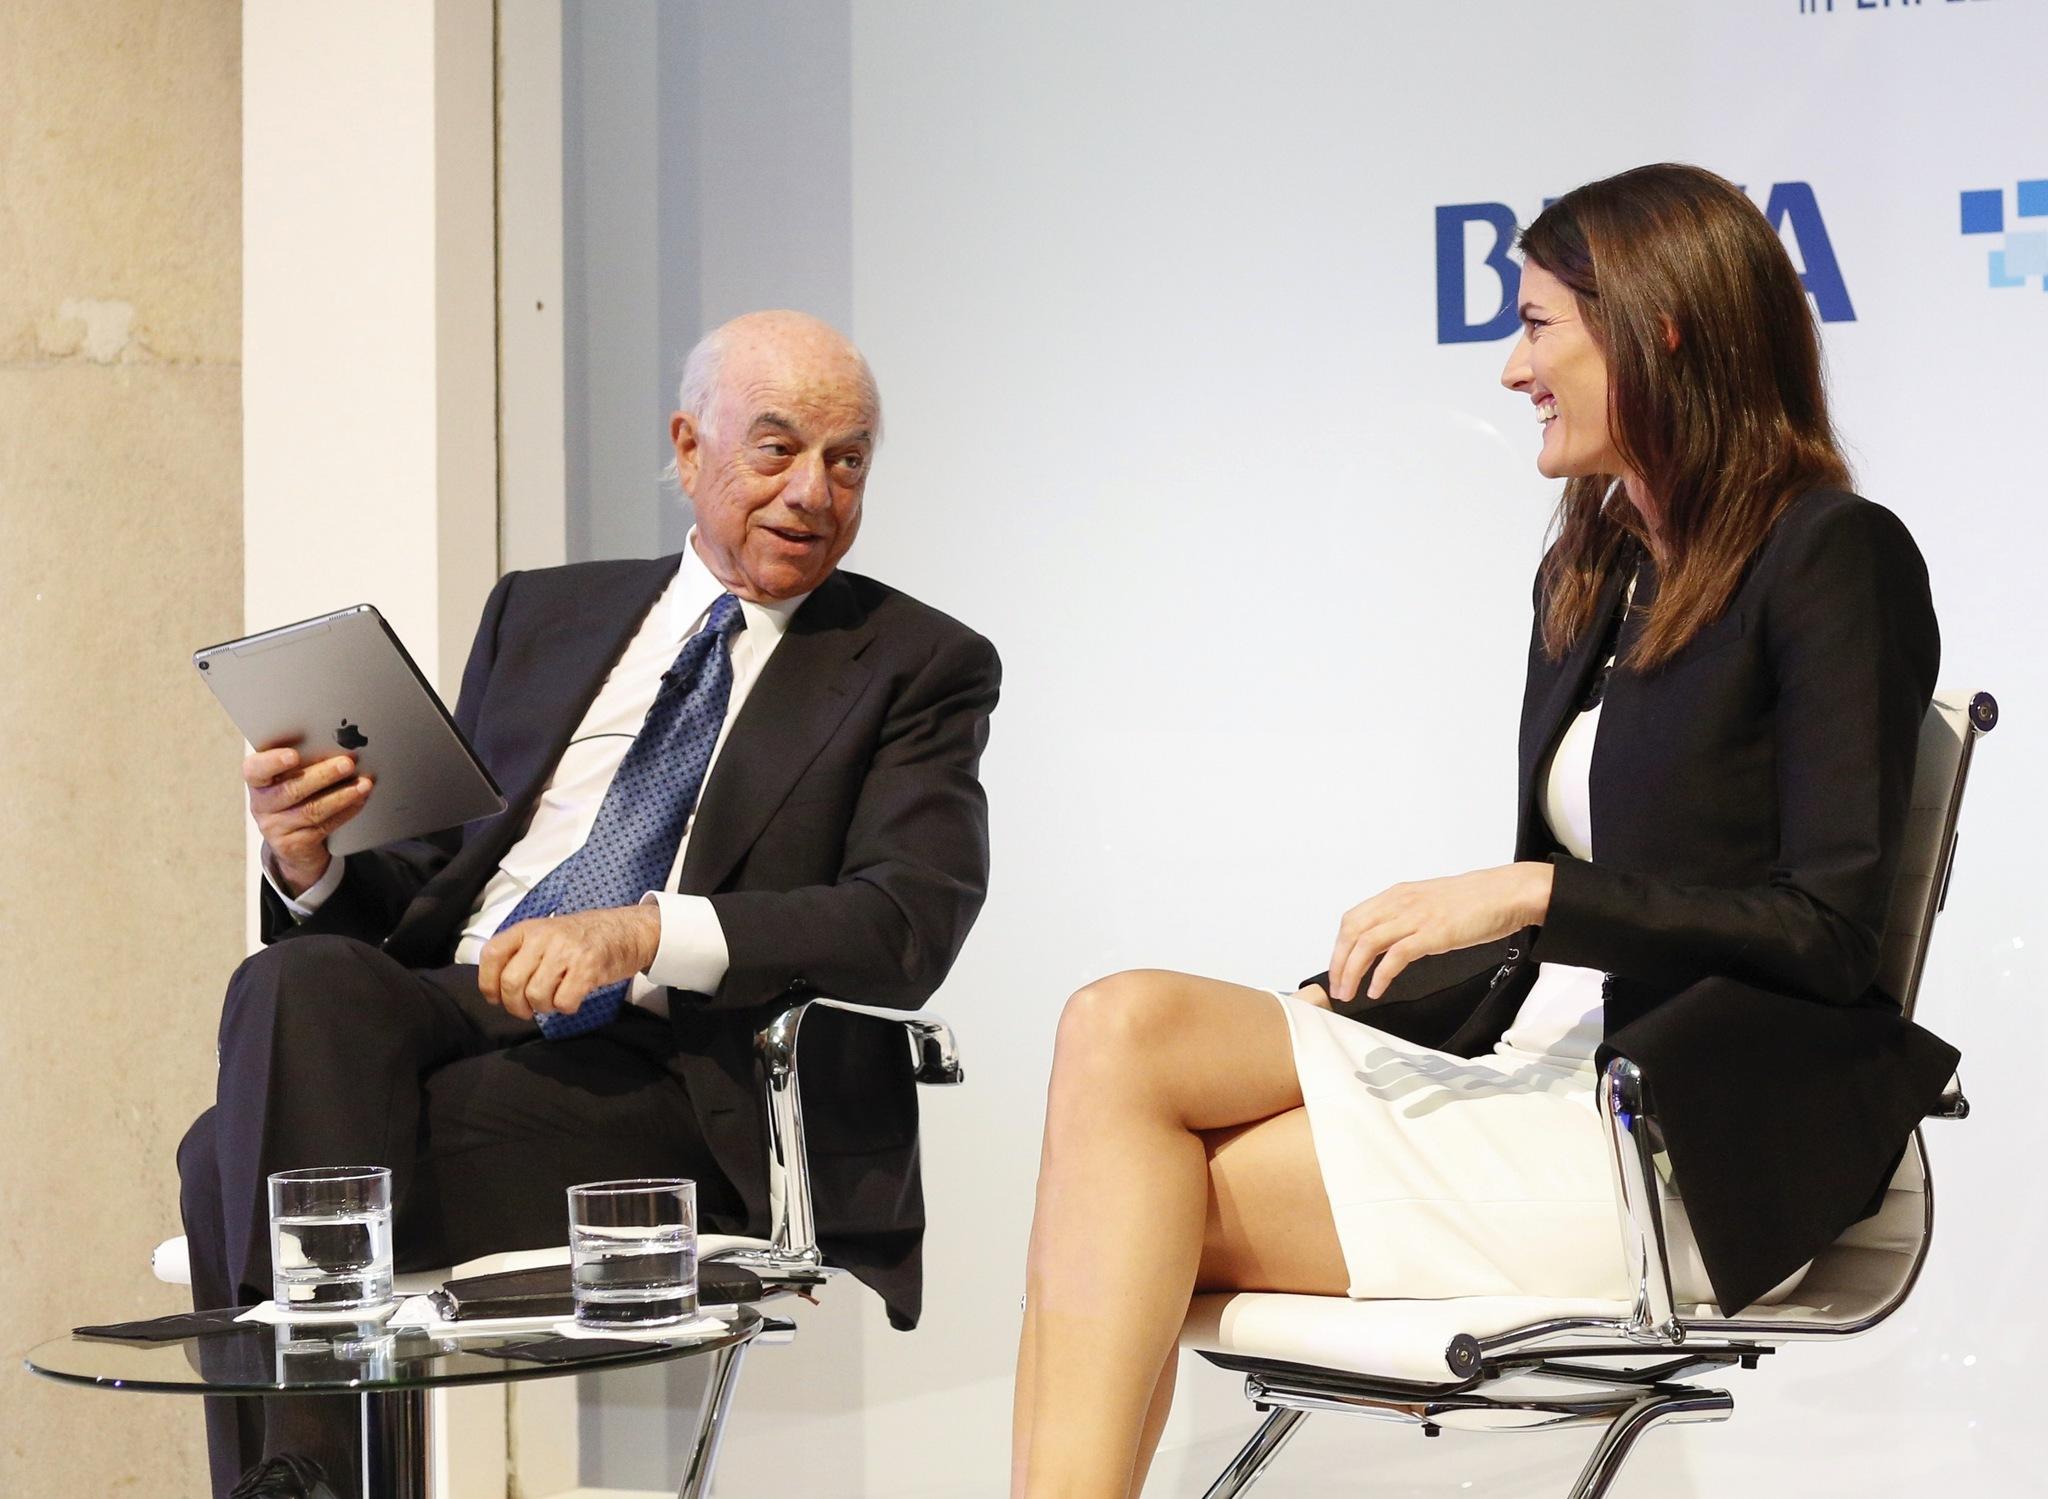 El presidente de BBVA, Francisco Gonzalez, y la empresaria Rebeca Minguela, durante la charla sobre gestión de datos.